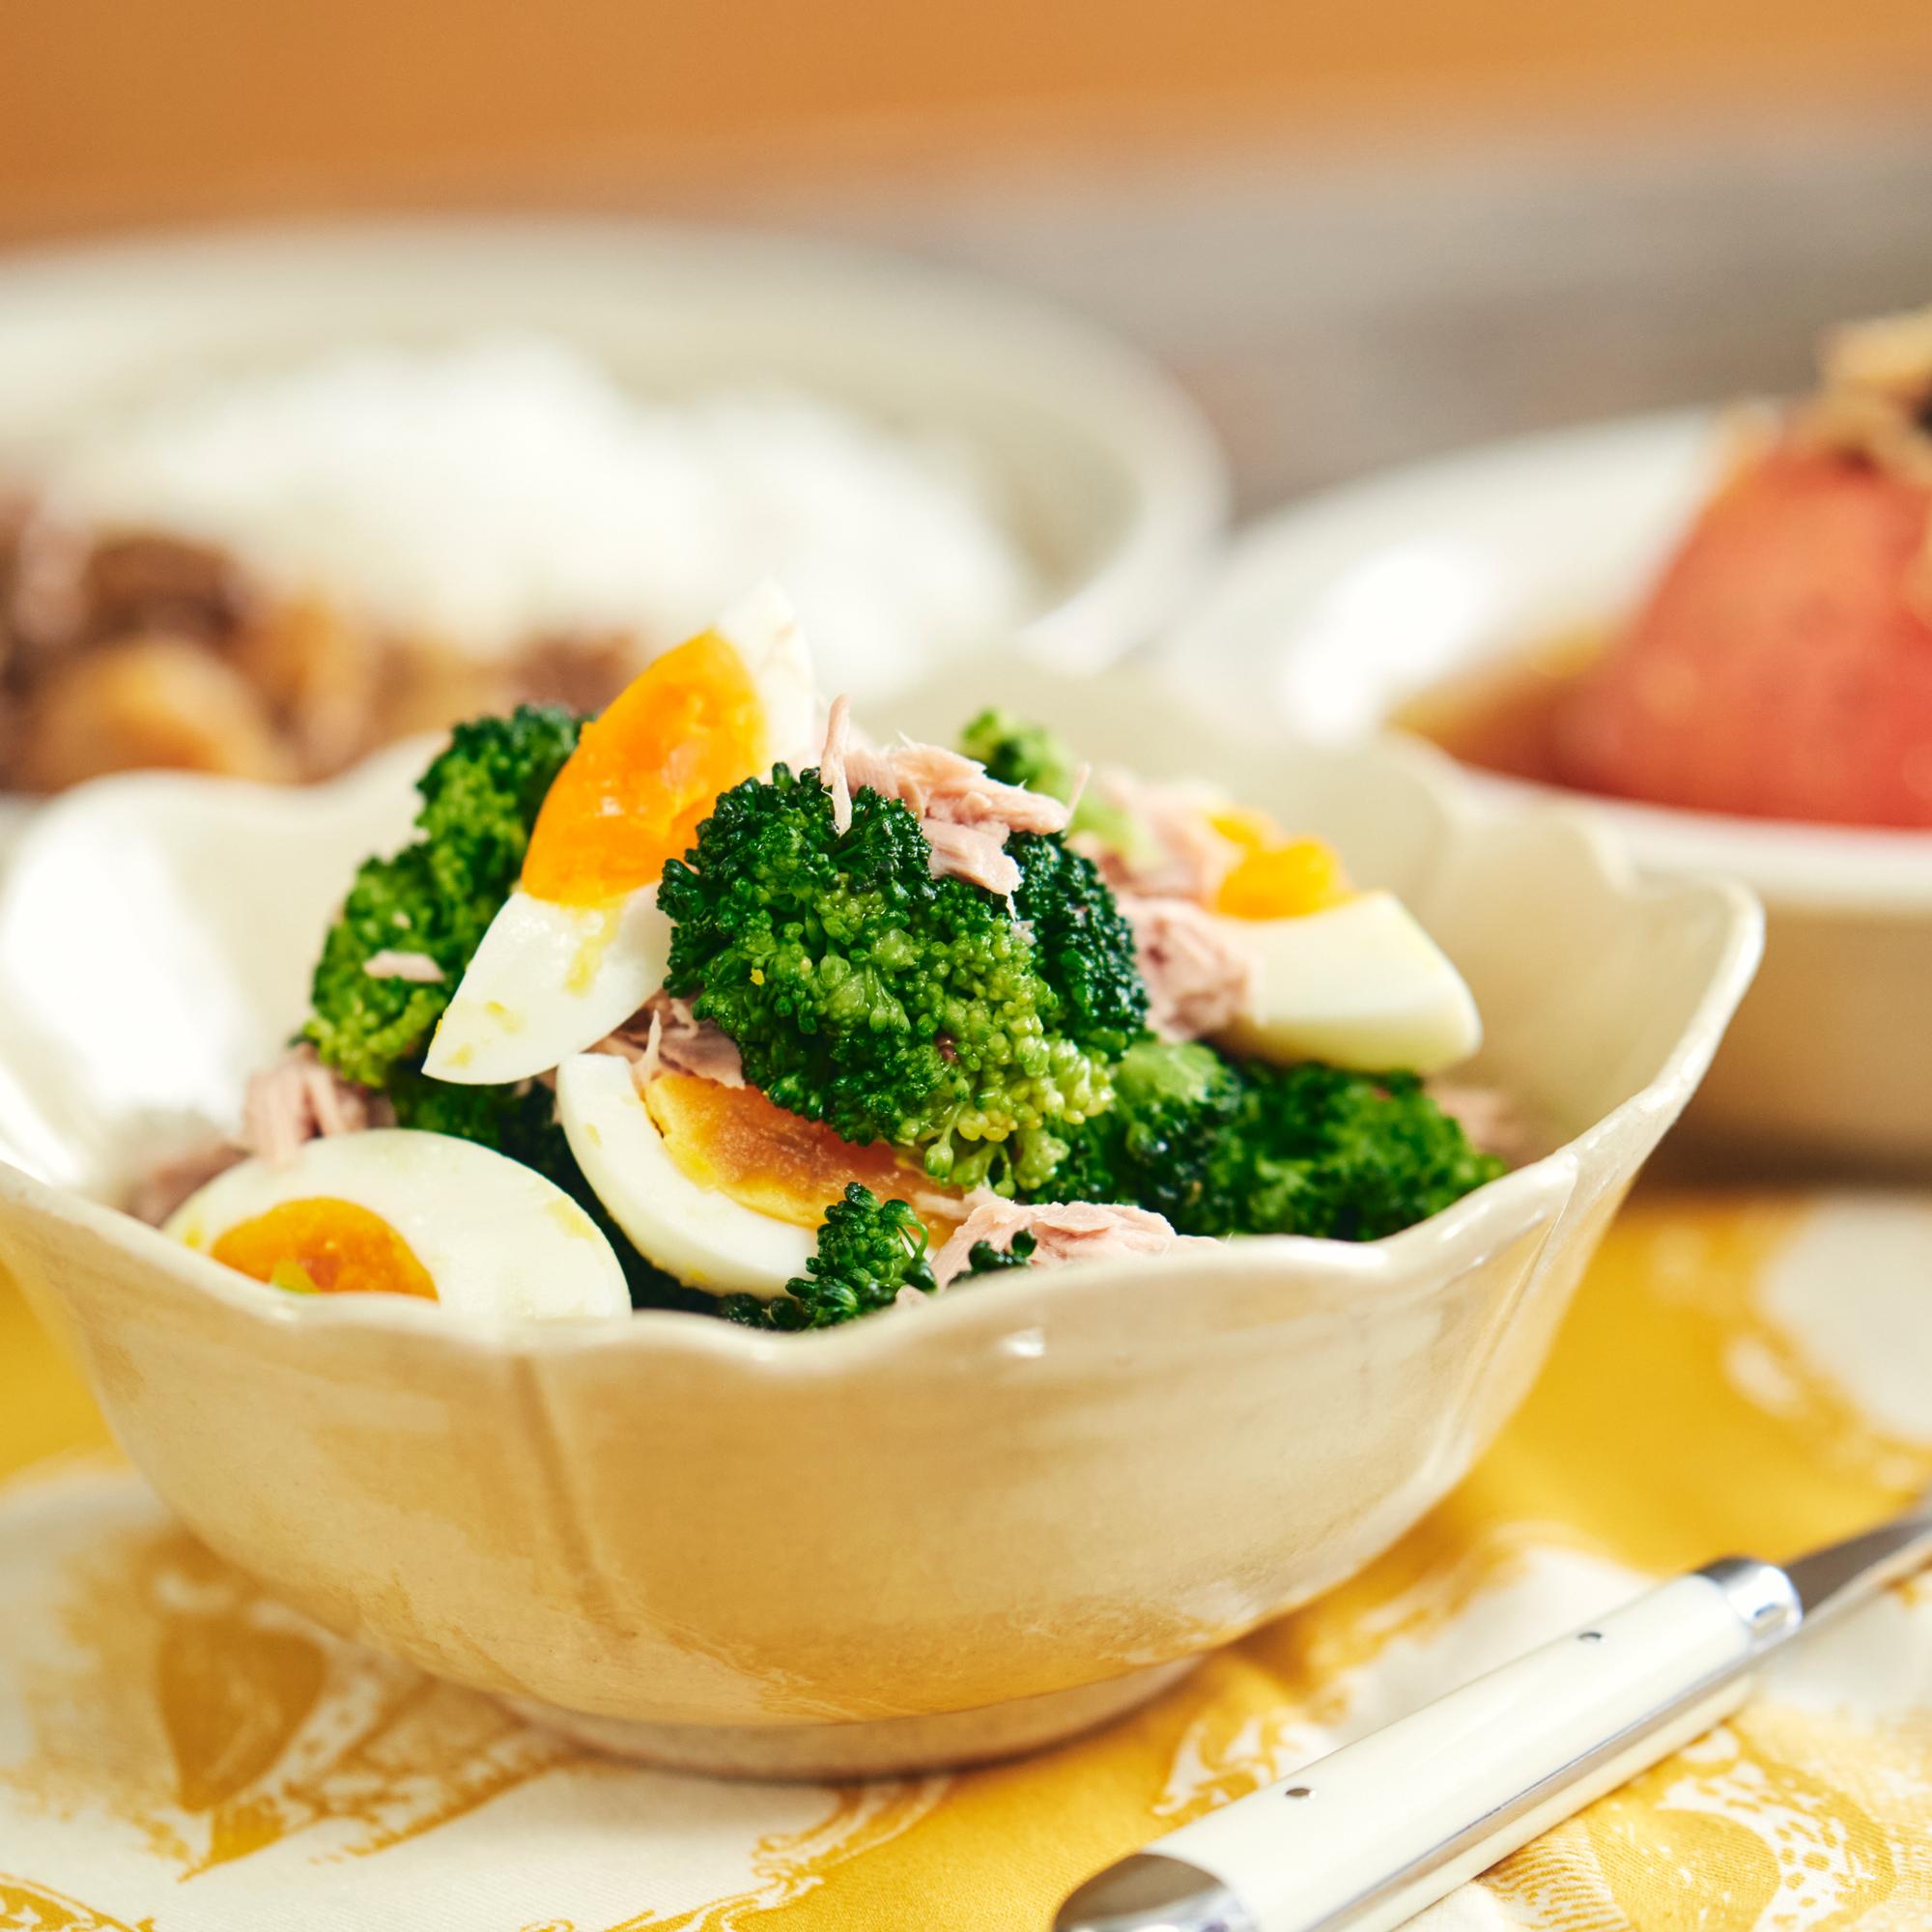 ツナ缶丸ごと!ゆで卵とブロッコリーのサラダ